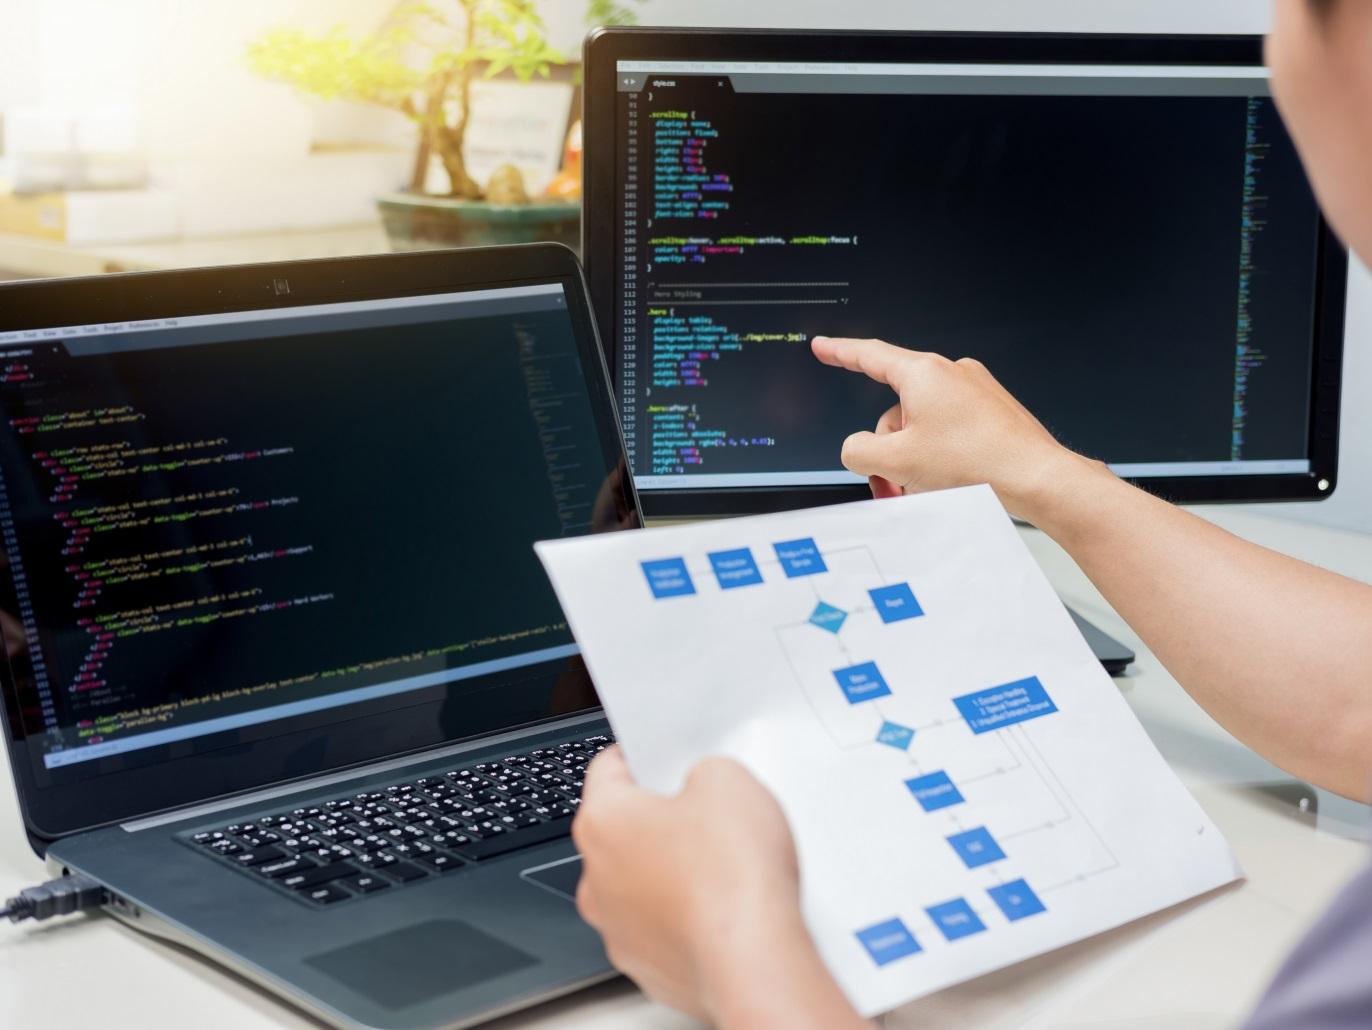 تكنولوجيا المعلومات وتطوير البرمجيات